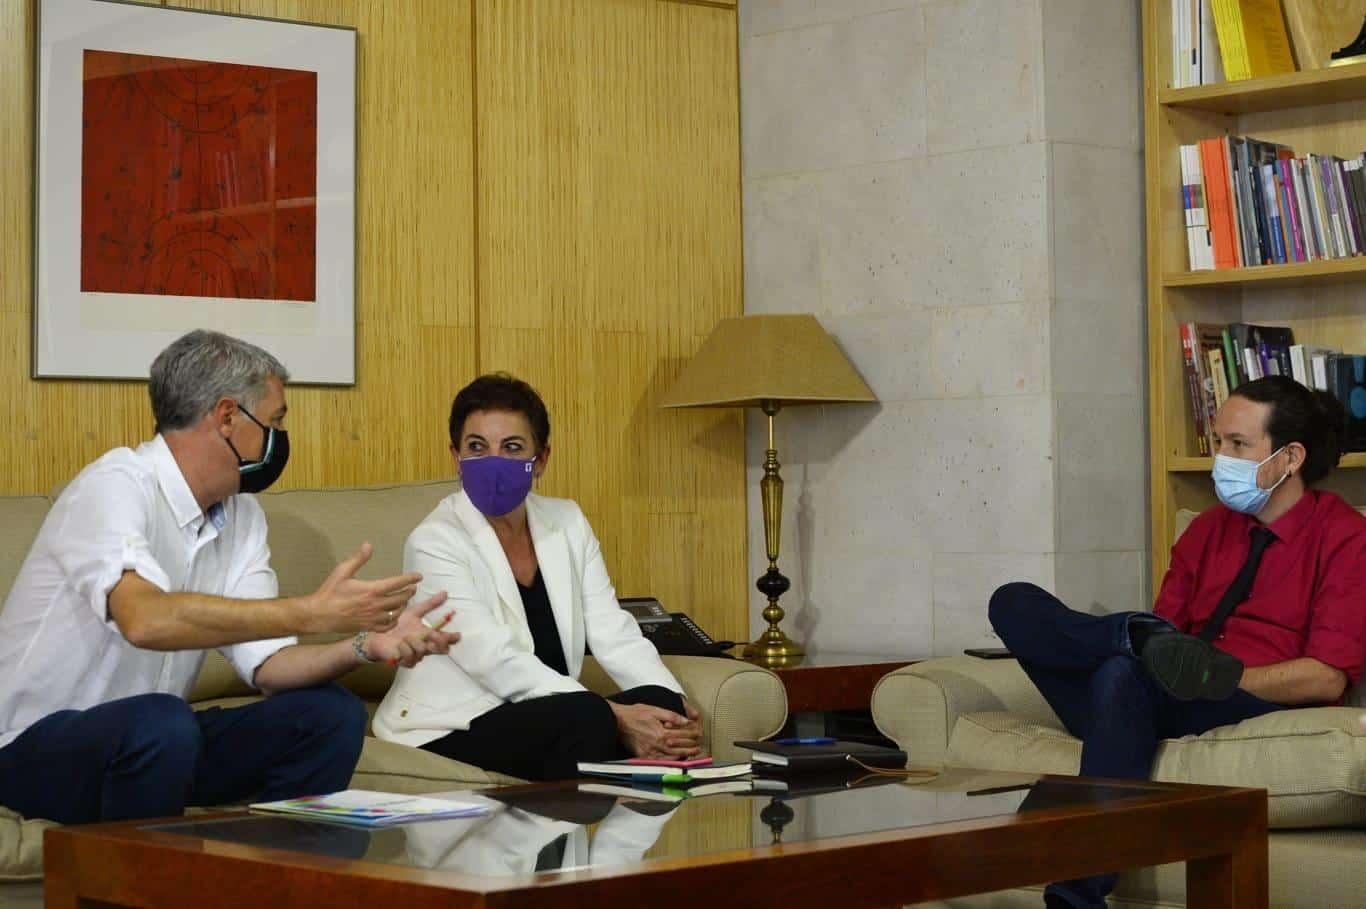 El vicepresidente segundo, Pablo Iglesias, reunido este miércoles con Oskar Matute y Mertxe Aizpurua, portavoces de EH Bildu en el Congreso.